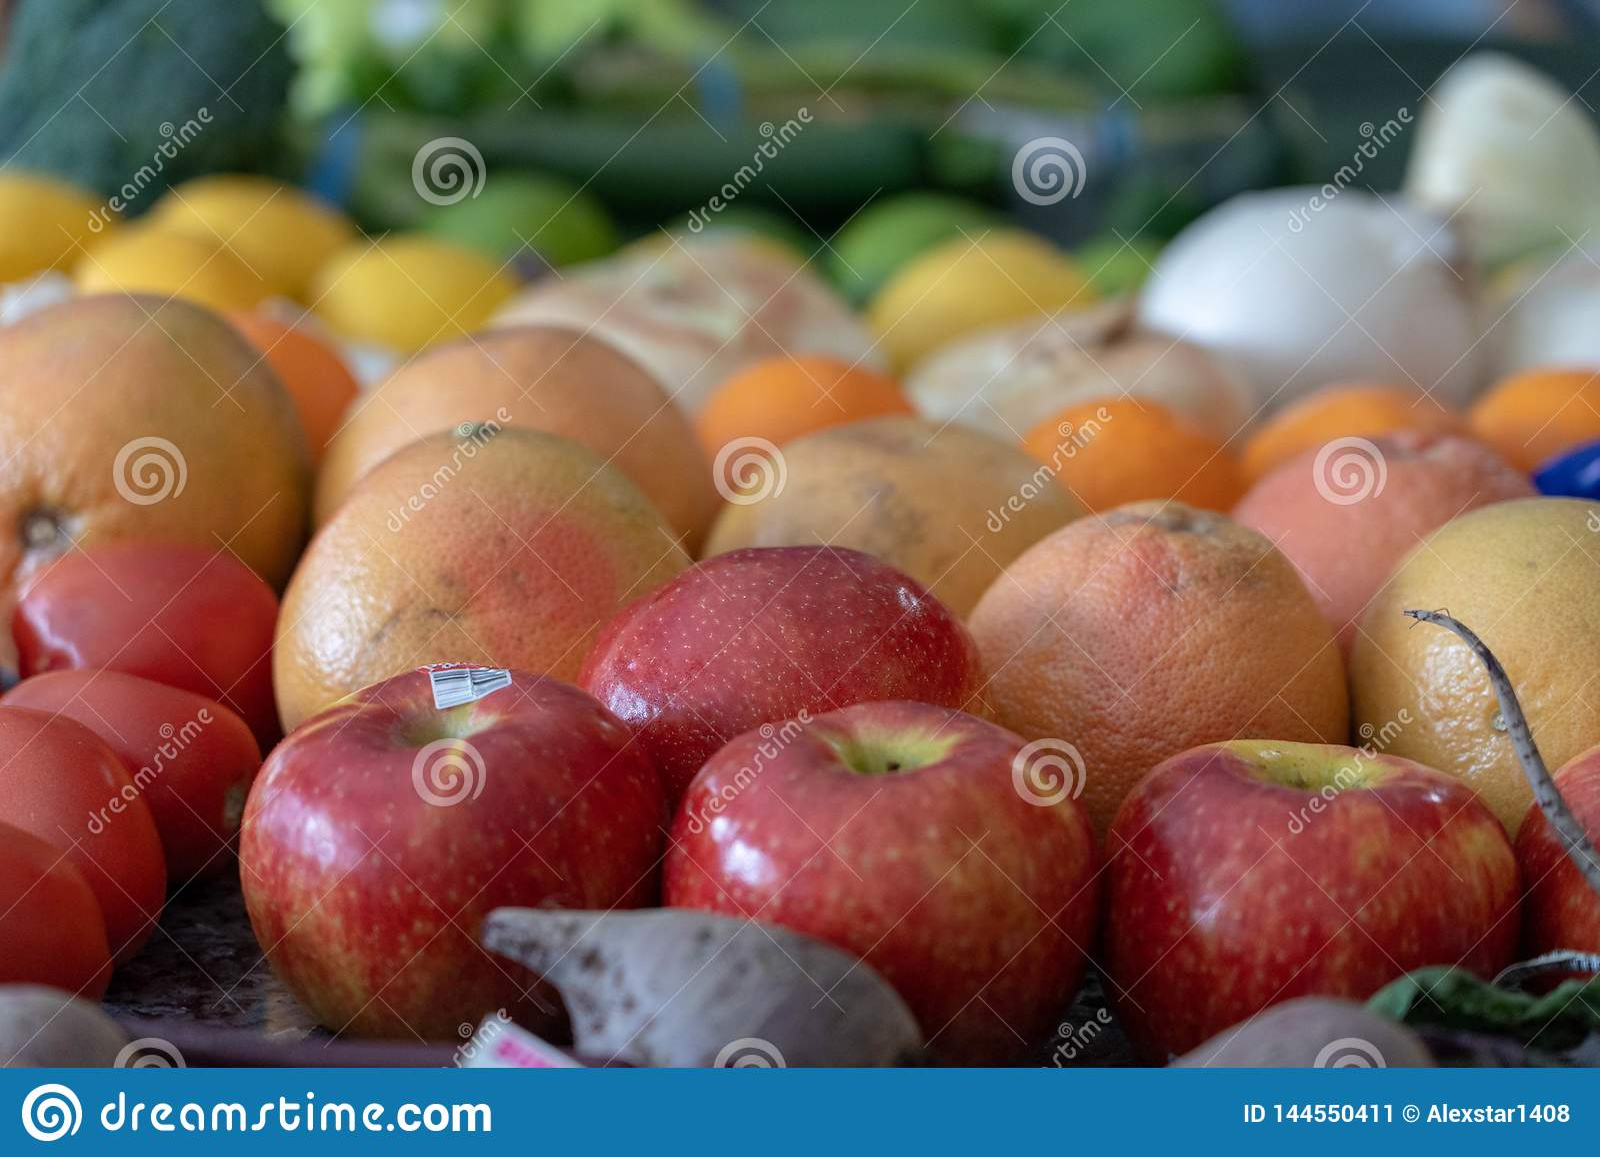 Fruits et légumes assortis par couleur